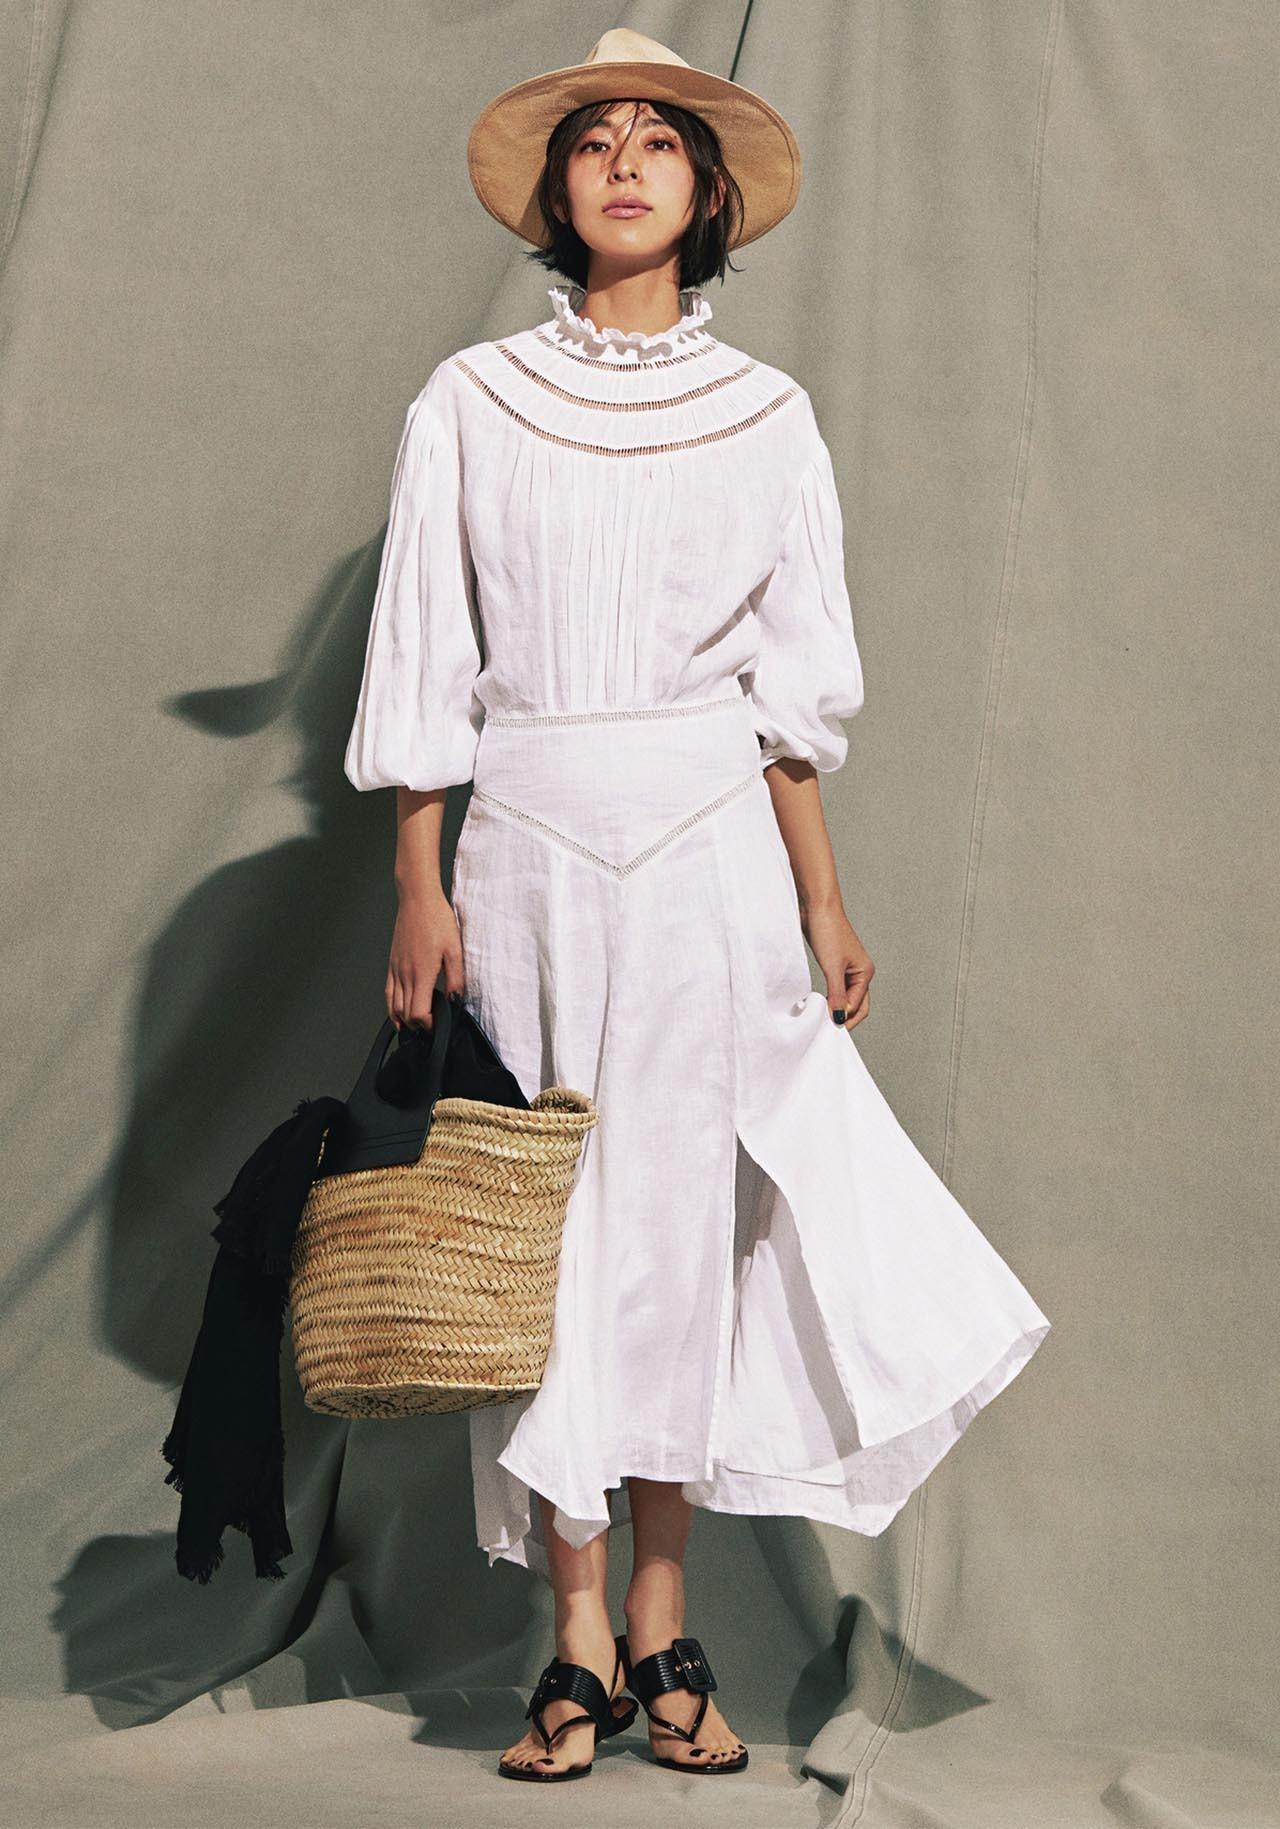 白のリネンワンピース×かごバッグコーデを着たモデルの小泉里子さん